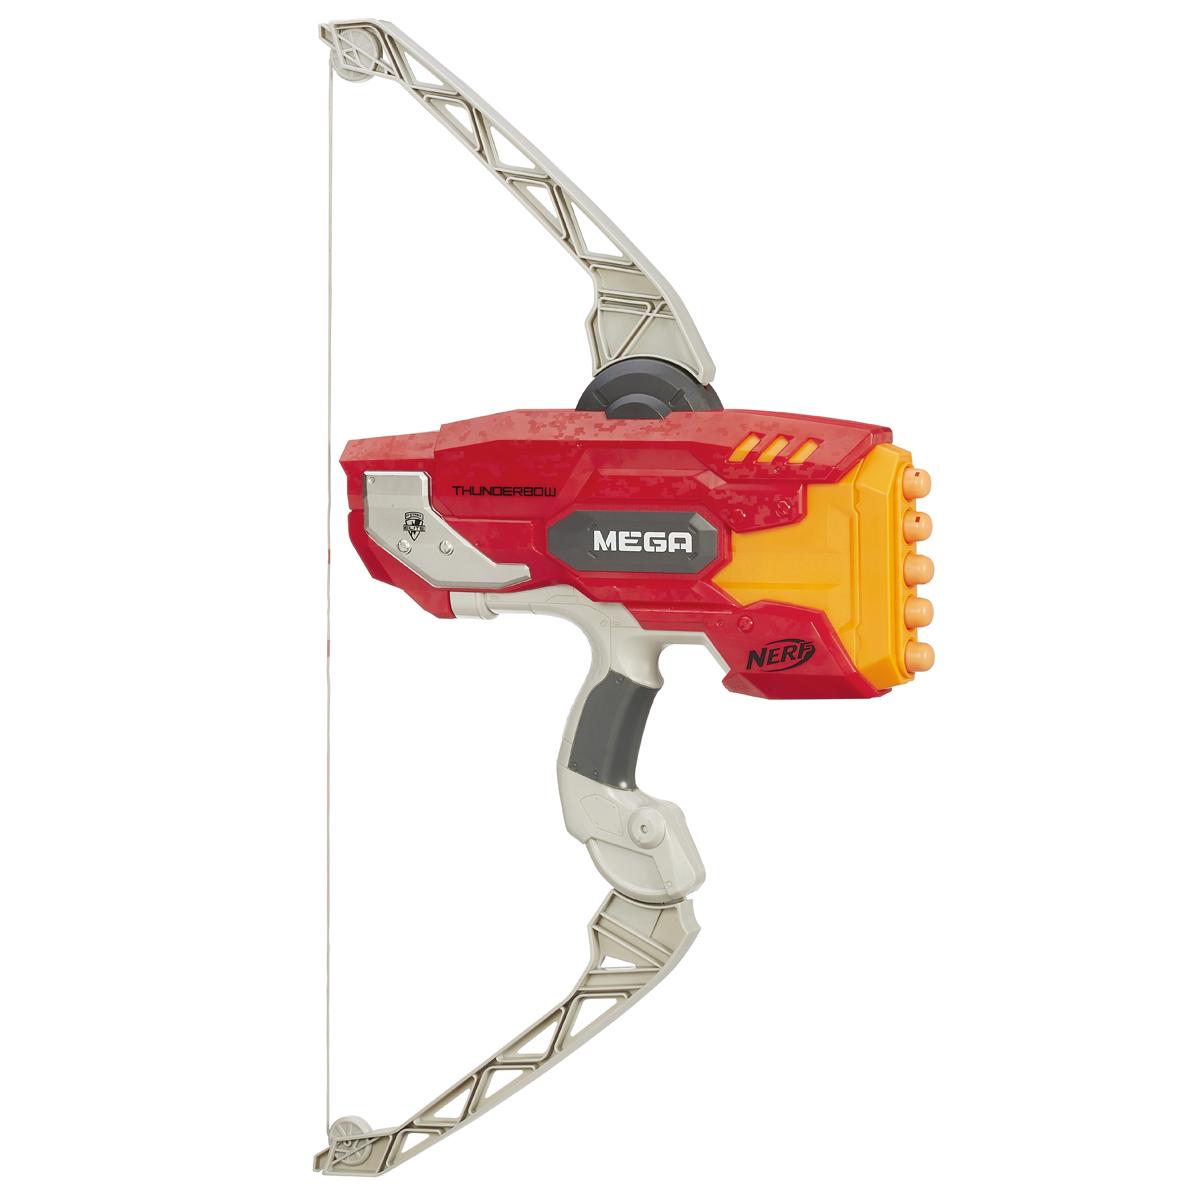 Nerf Лук Mega Thunderbow, со стреламиA8768EU4Мощный лук Nerf Mega Thunderbow позволит вашему ребенку почувствовать себя во всеоружии! Он выполнен из яркого прочного пластика и оснащен реалистичным механизмом стрельбы. Лук стреляет на расстояние свыше 24 метров. Гибкие плечи лука обеспечивают удобство и реалистичность стрельбы. Лук может выстреливать 5 стрелами подряд, без перезарядки. Комплект включает в себя 5 стрел, выполненных из гибкого вспененного полимера. Игра с таким луком поможет ребенку в развитии меткости, ловкости, координации движений и сноровки.